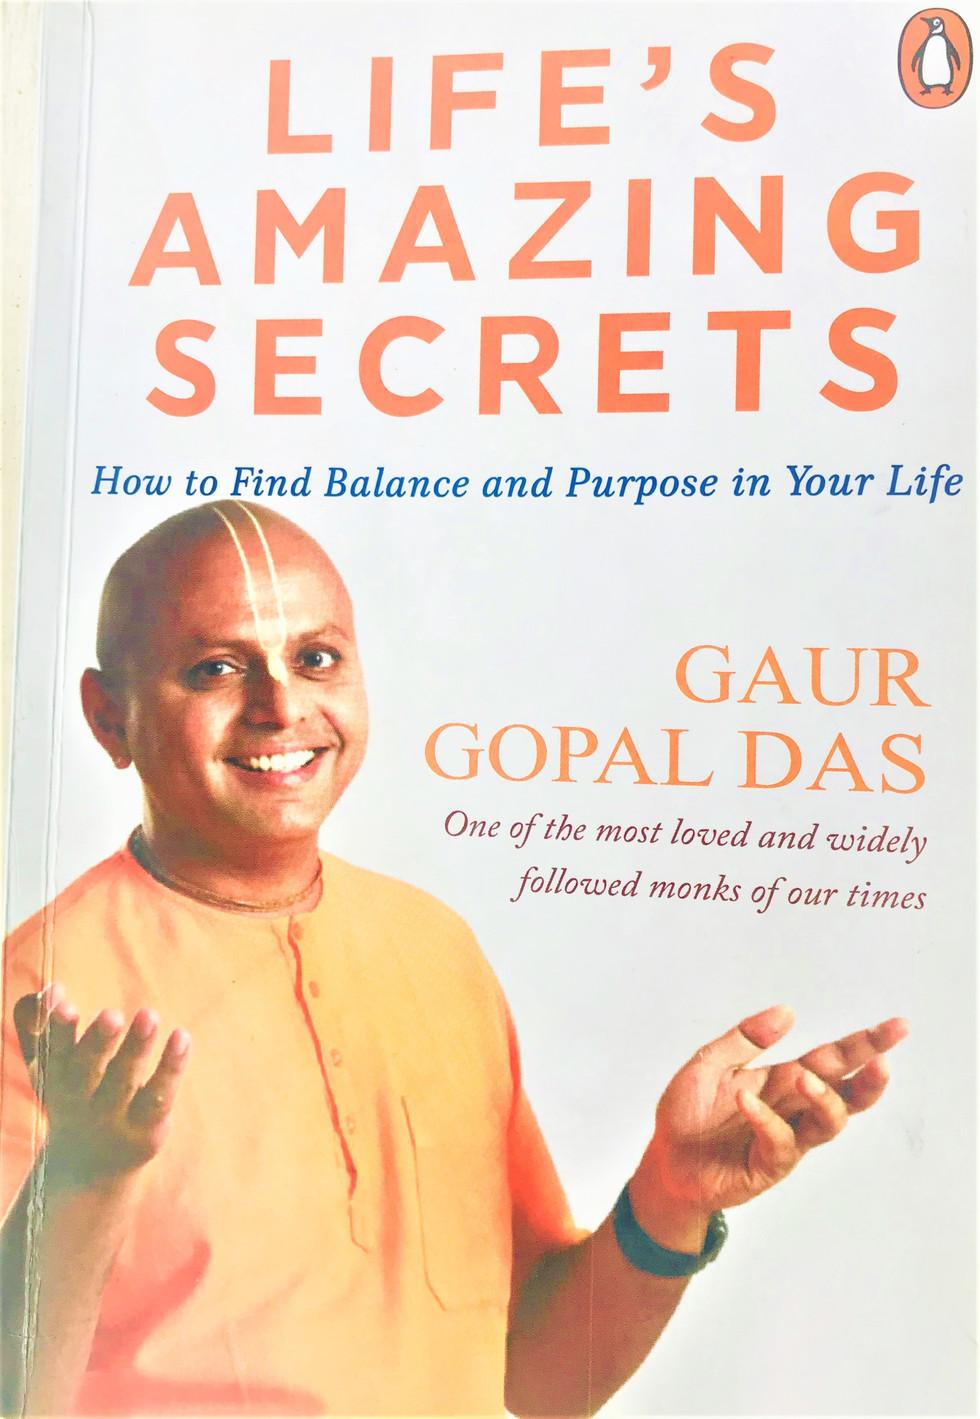 Life's Amazing Secrets ~ Gaur Gopal Das